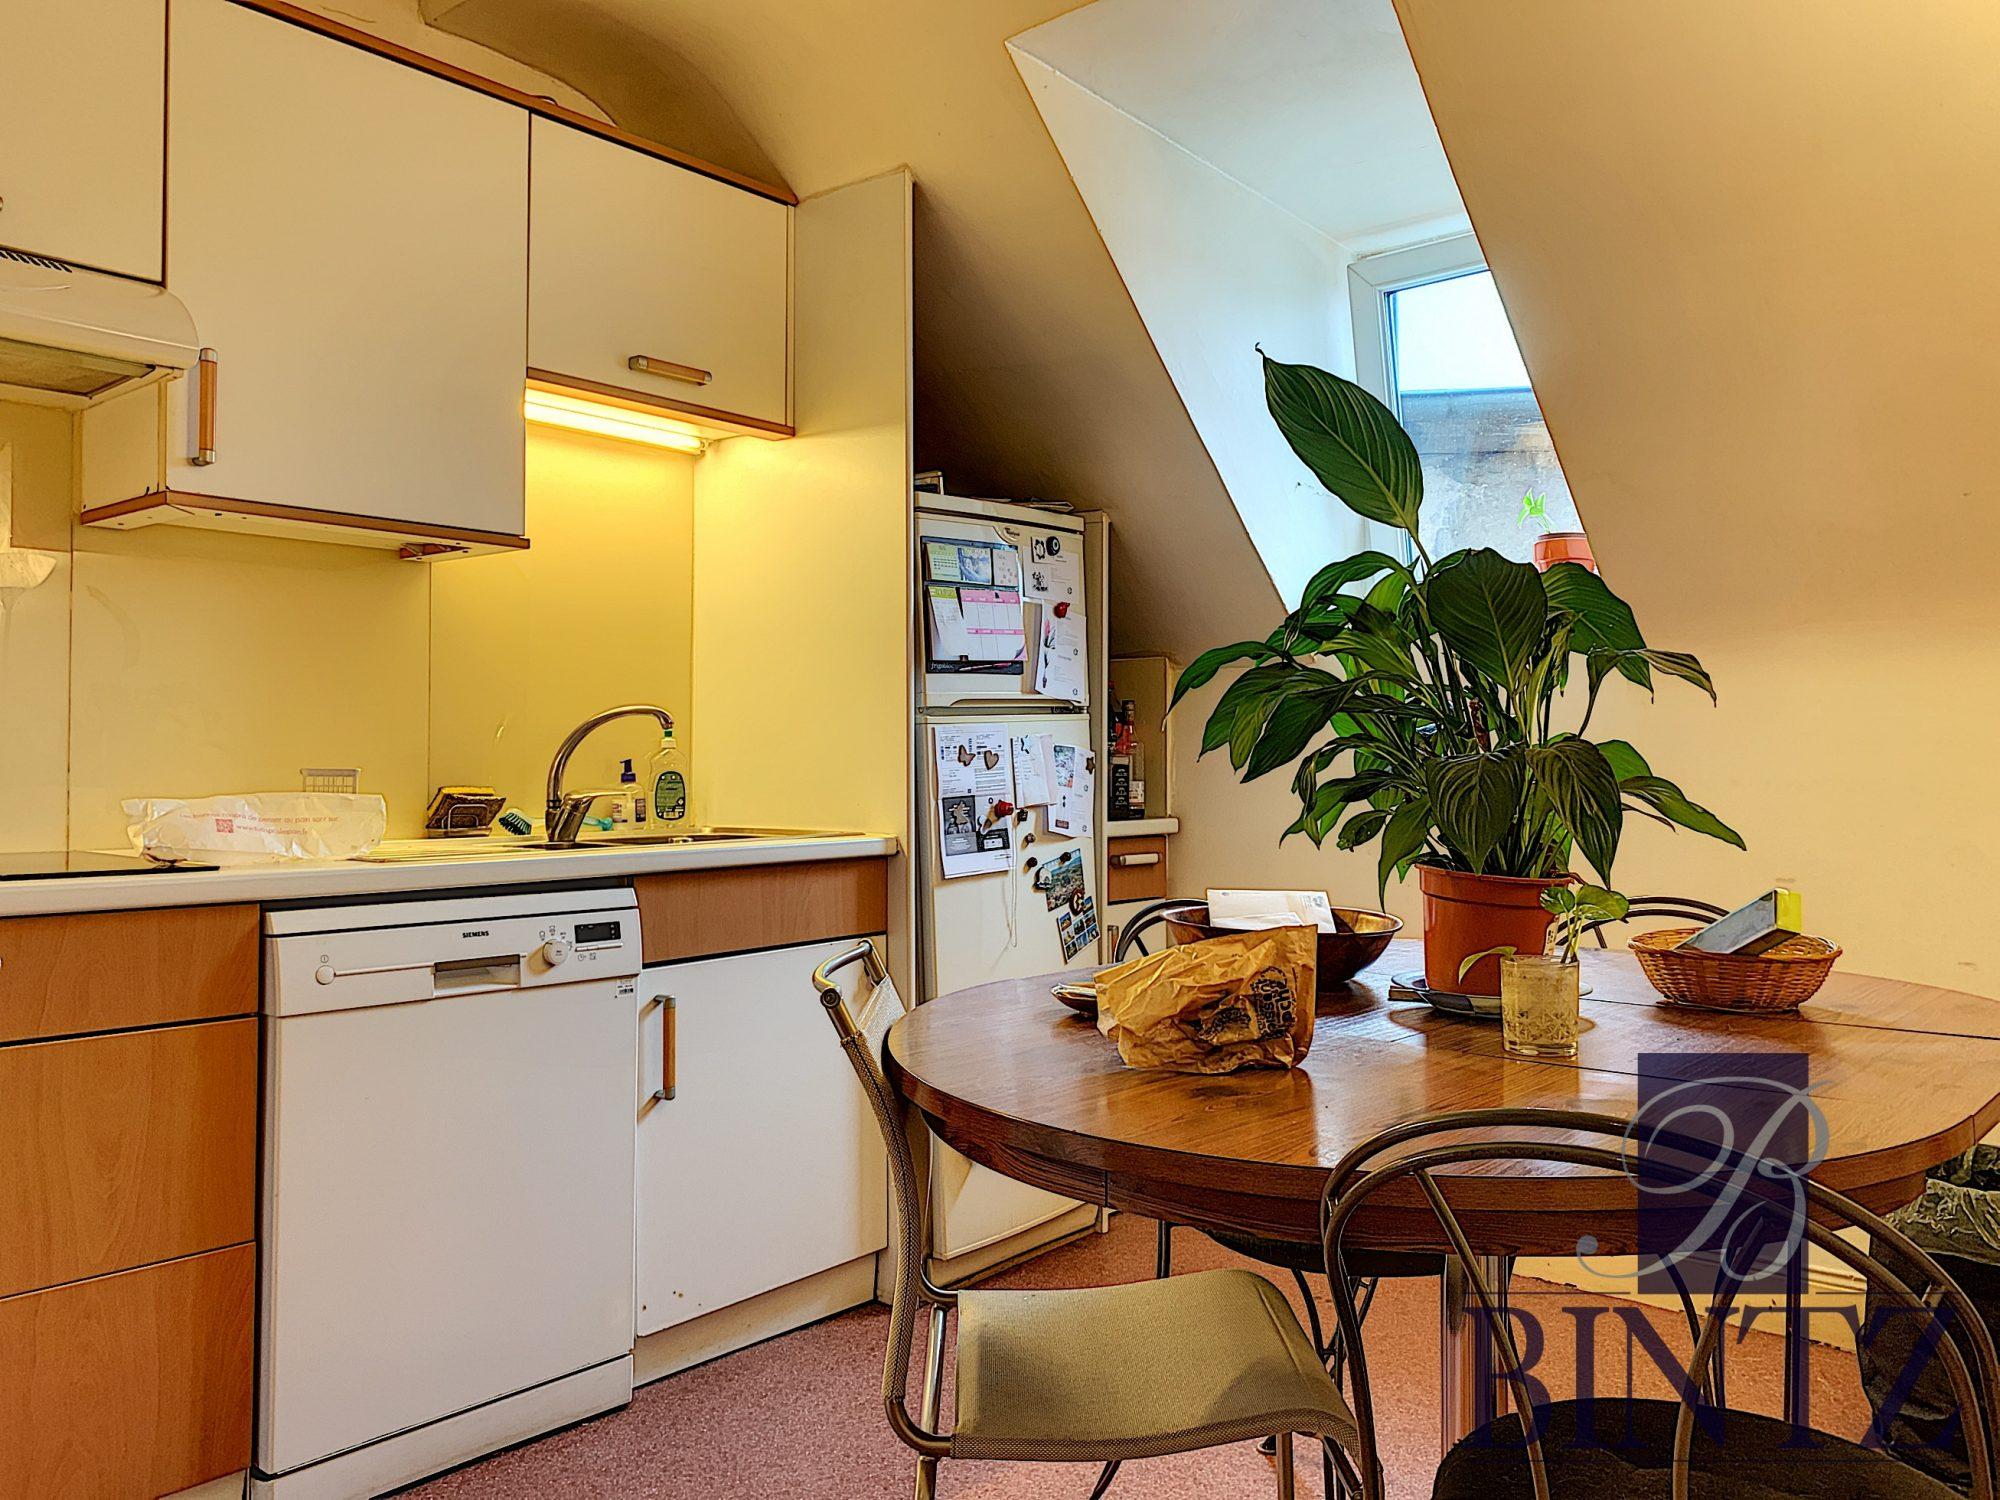 Ensemble de 2 appartements NEUSTADT - Devenez locataire en toute sérénité - Bintz Immobilier - 8